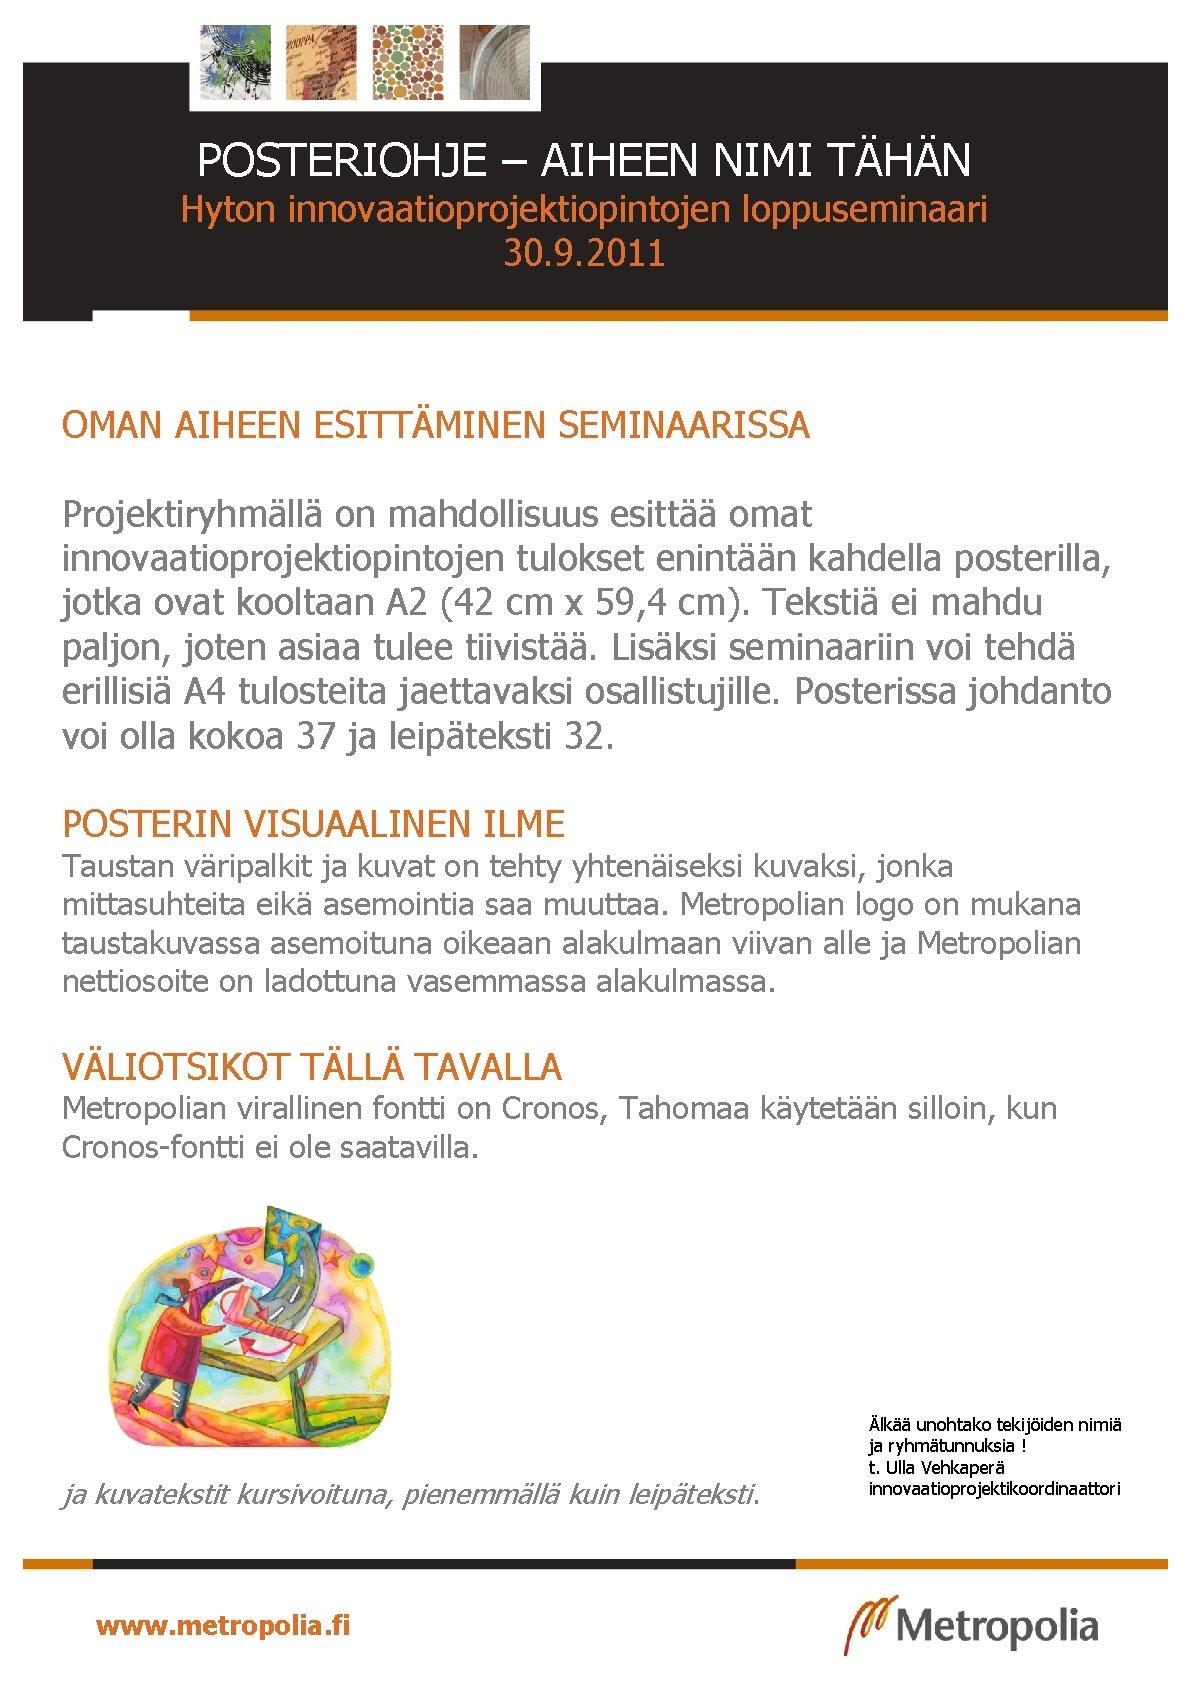 POSTERIOHJE – AIHEEN NIMI TÄHÄN Hyton innovaatioprojektiopintojen loppuseminaari 30. 9. 2011 OMAN AIHEEN ESITTÄMINEN